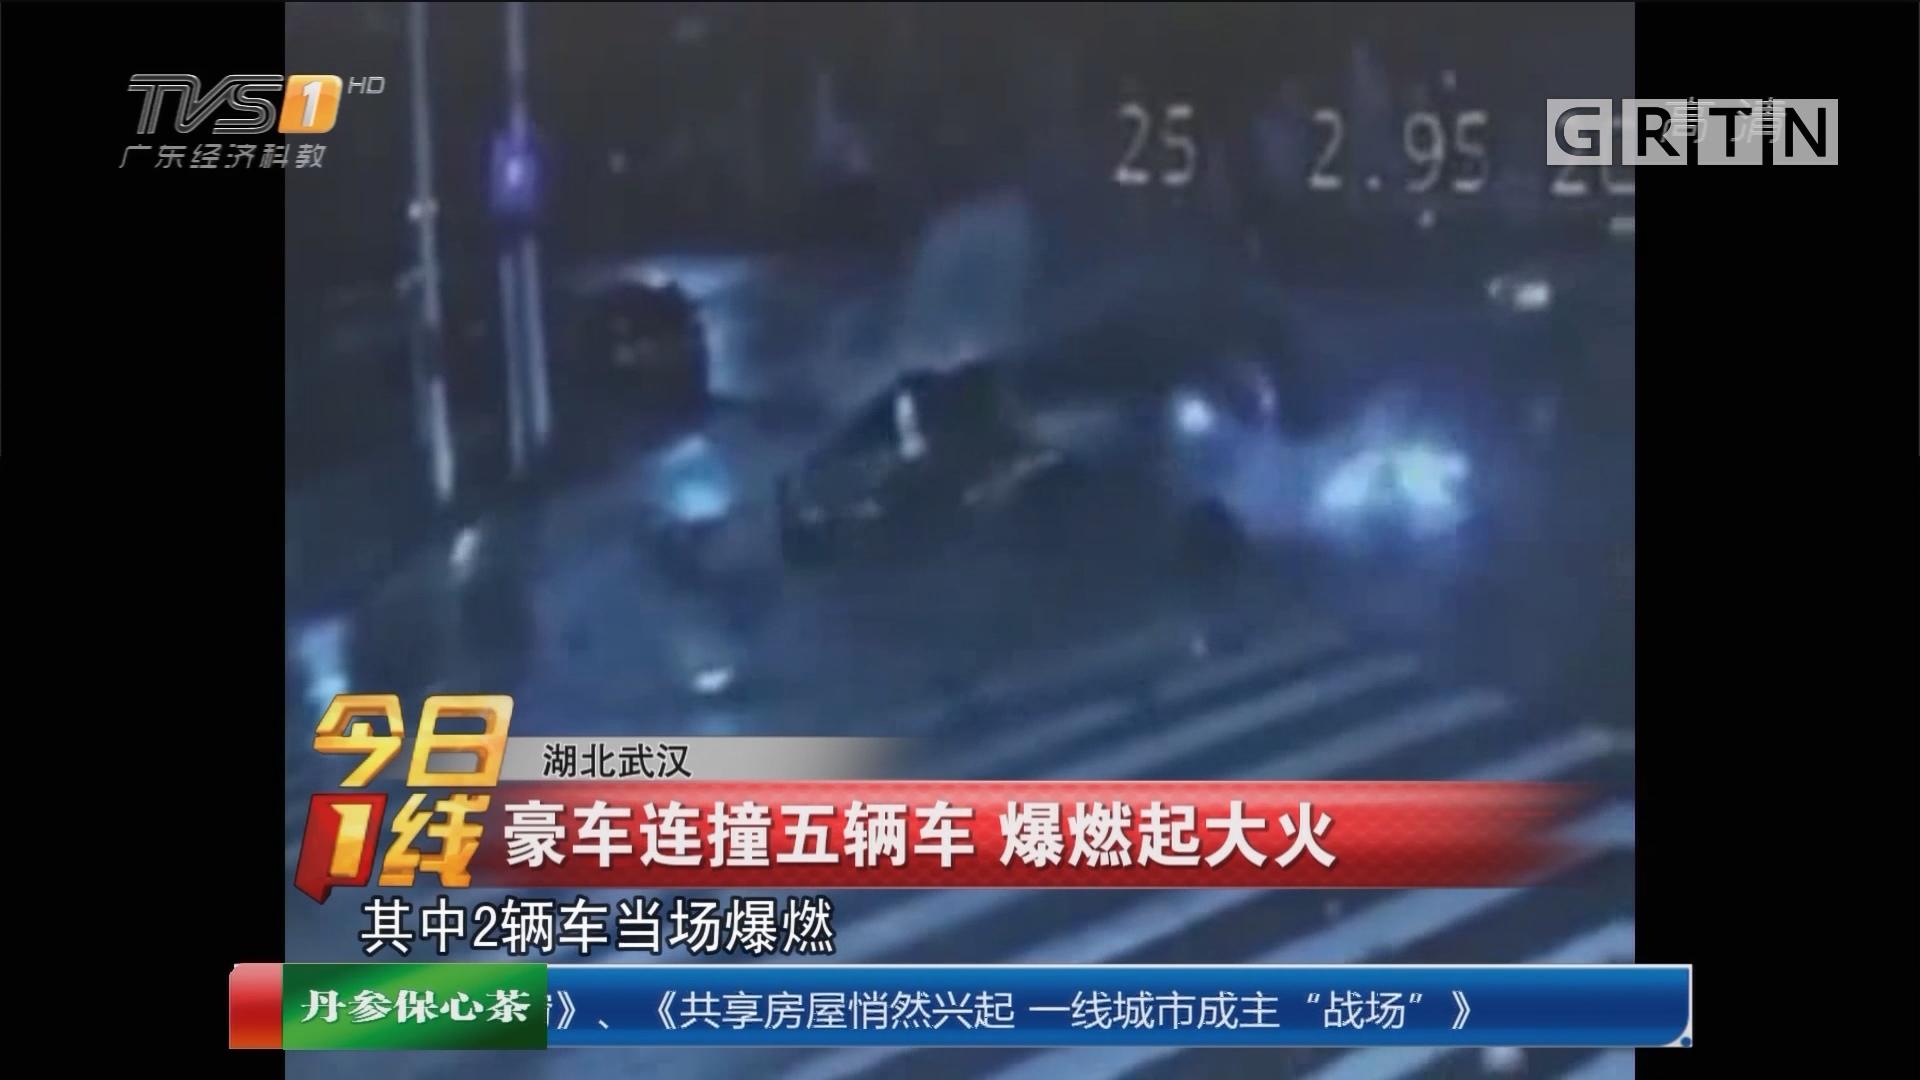 湖北武汉:豪车连撞五辆车 爆燃起大火